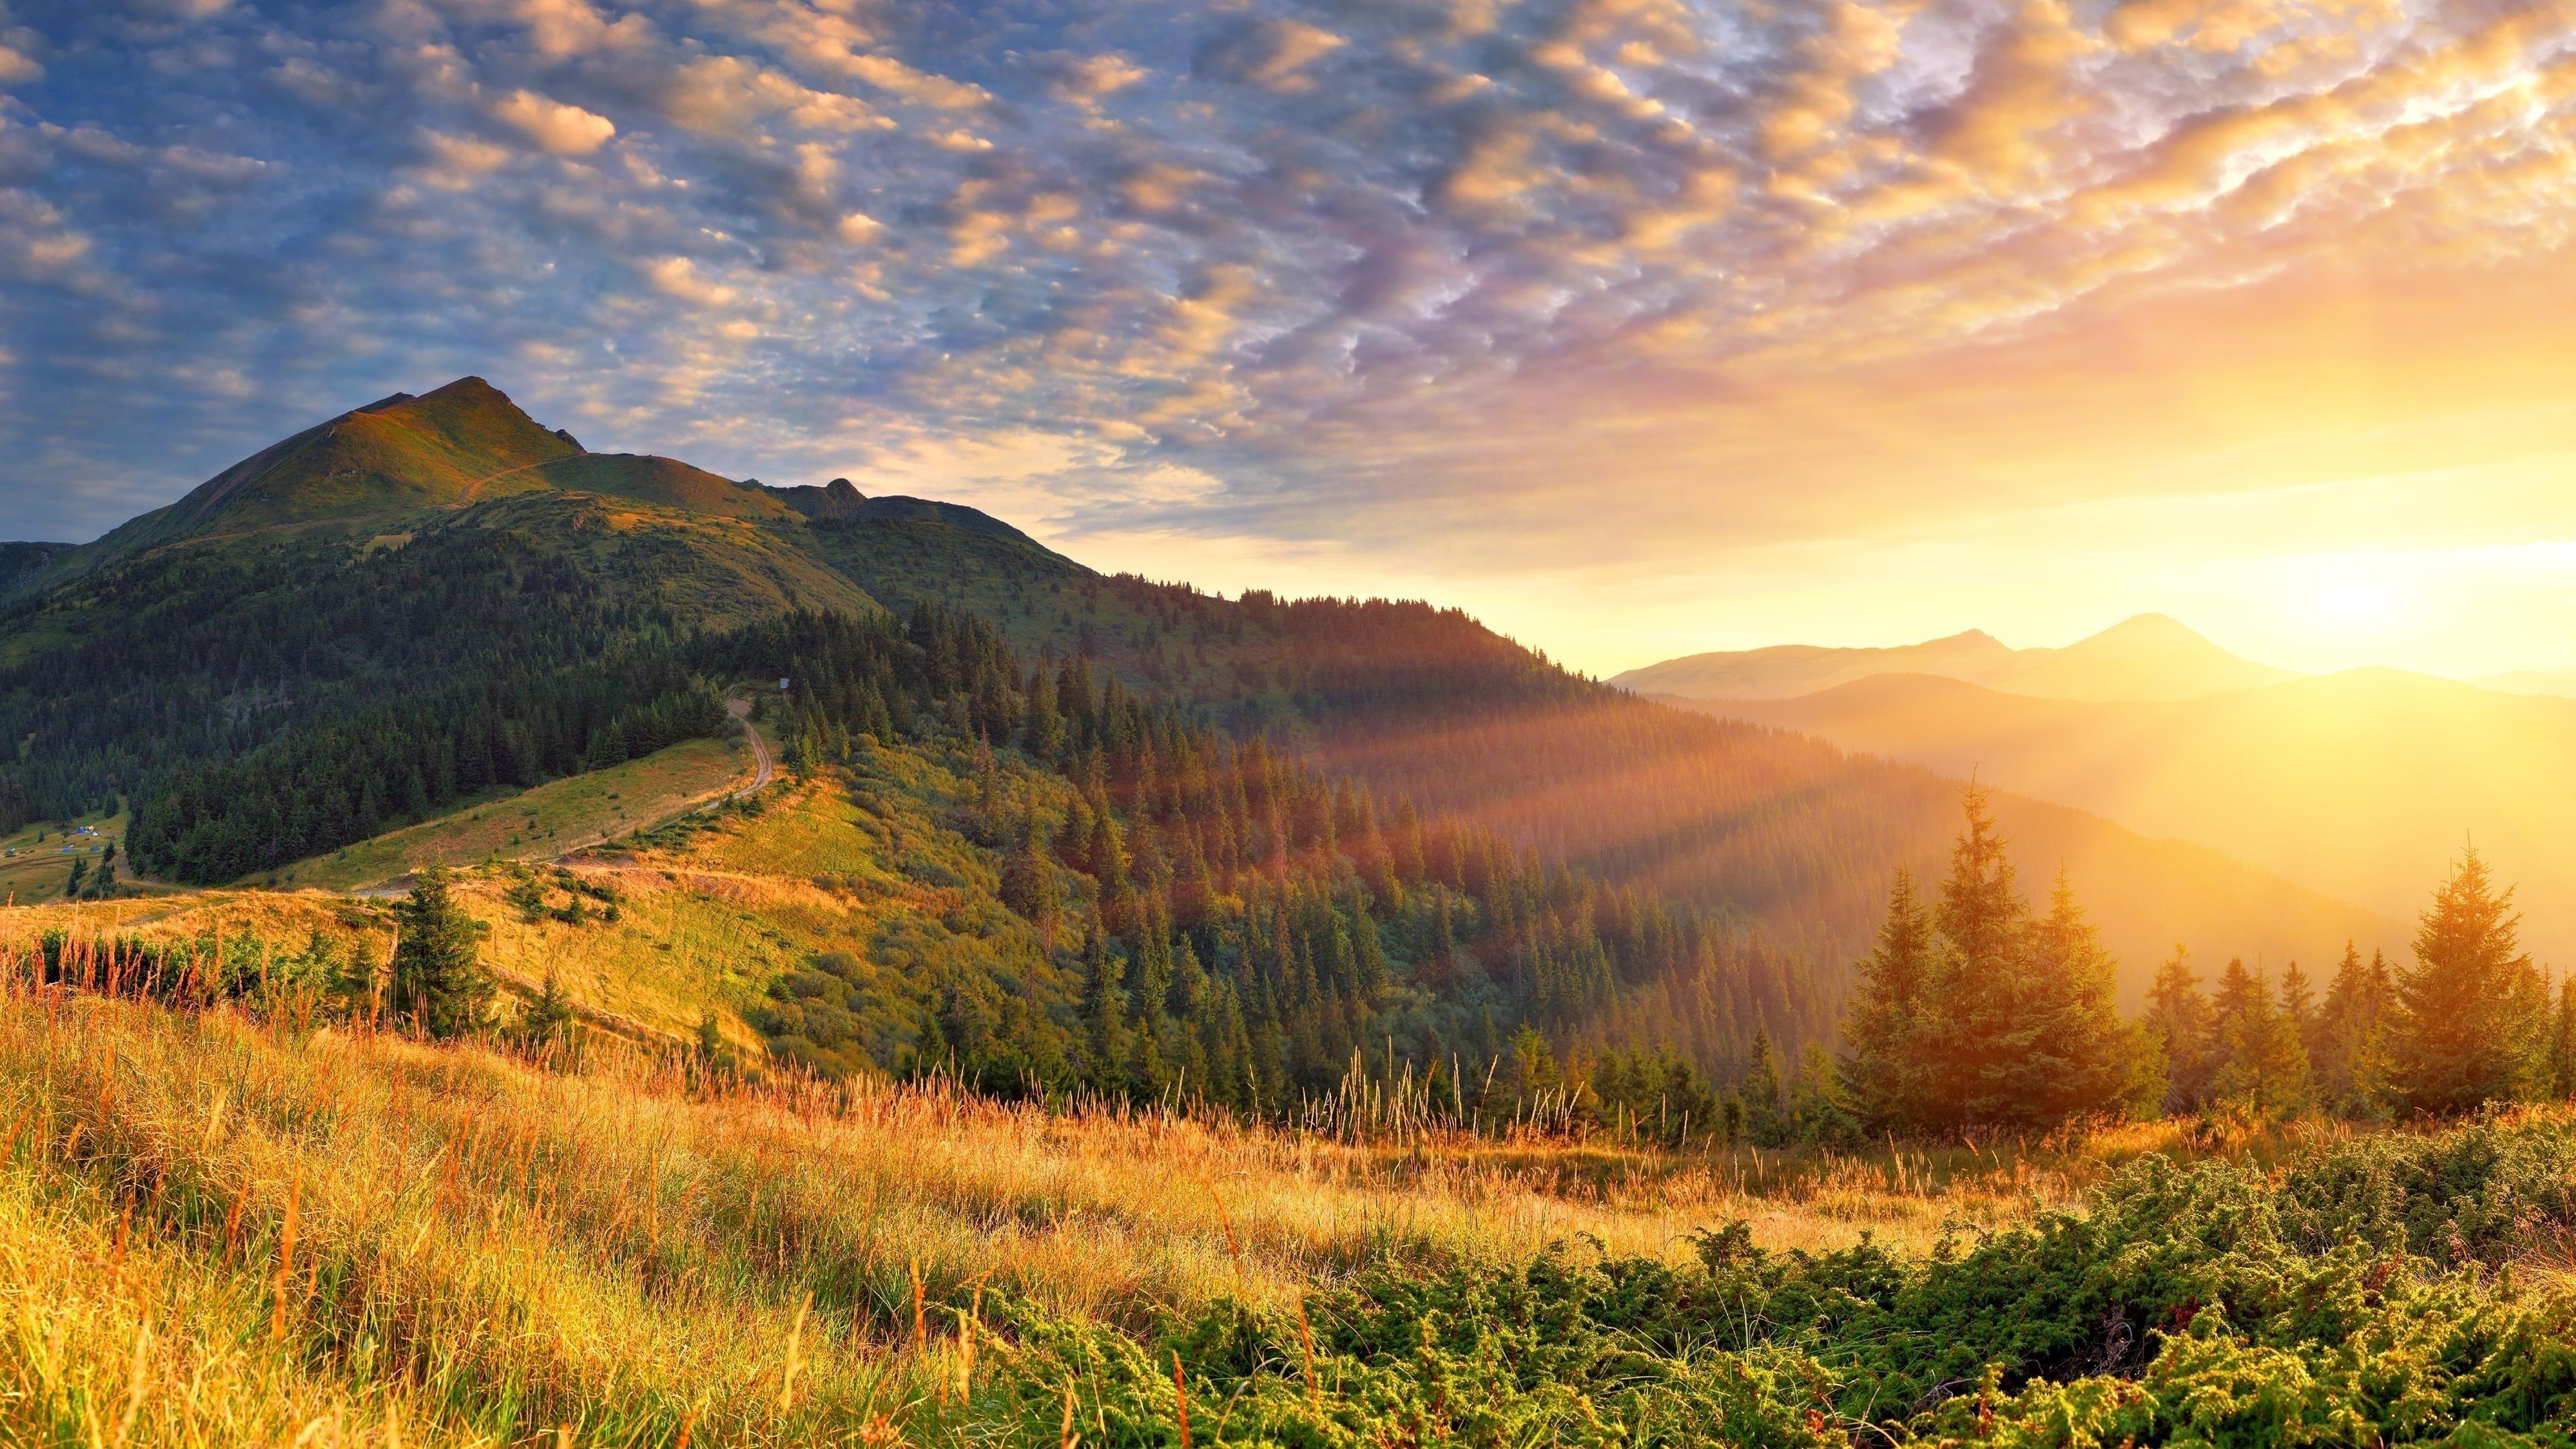 Зеленые деревья с зелеными покрытыми горными пейзажами утренние солнечные лучи природа обои скачать